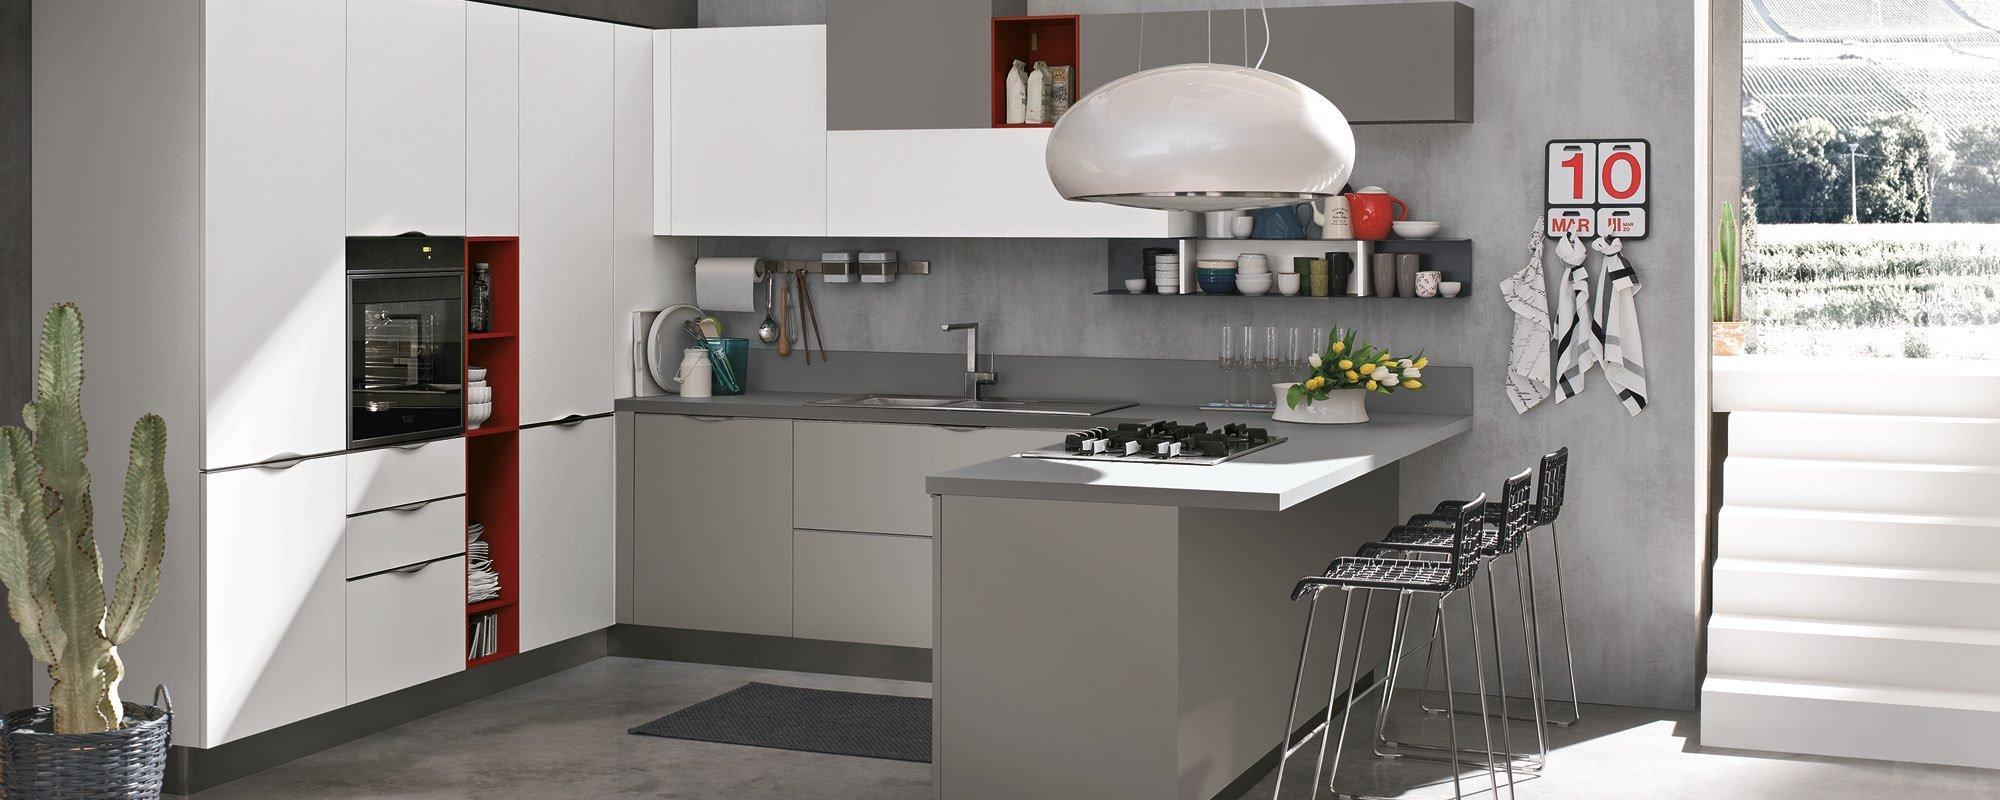 angolo cottura di una cucina con sedie e scala interna di una stanza -Maya